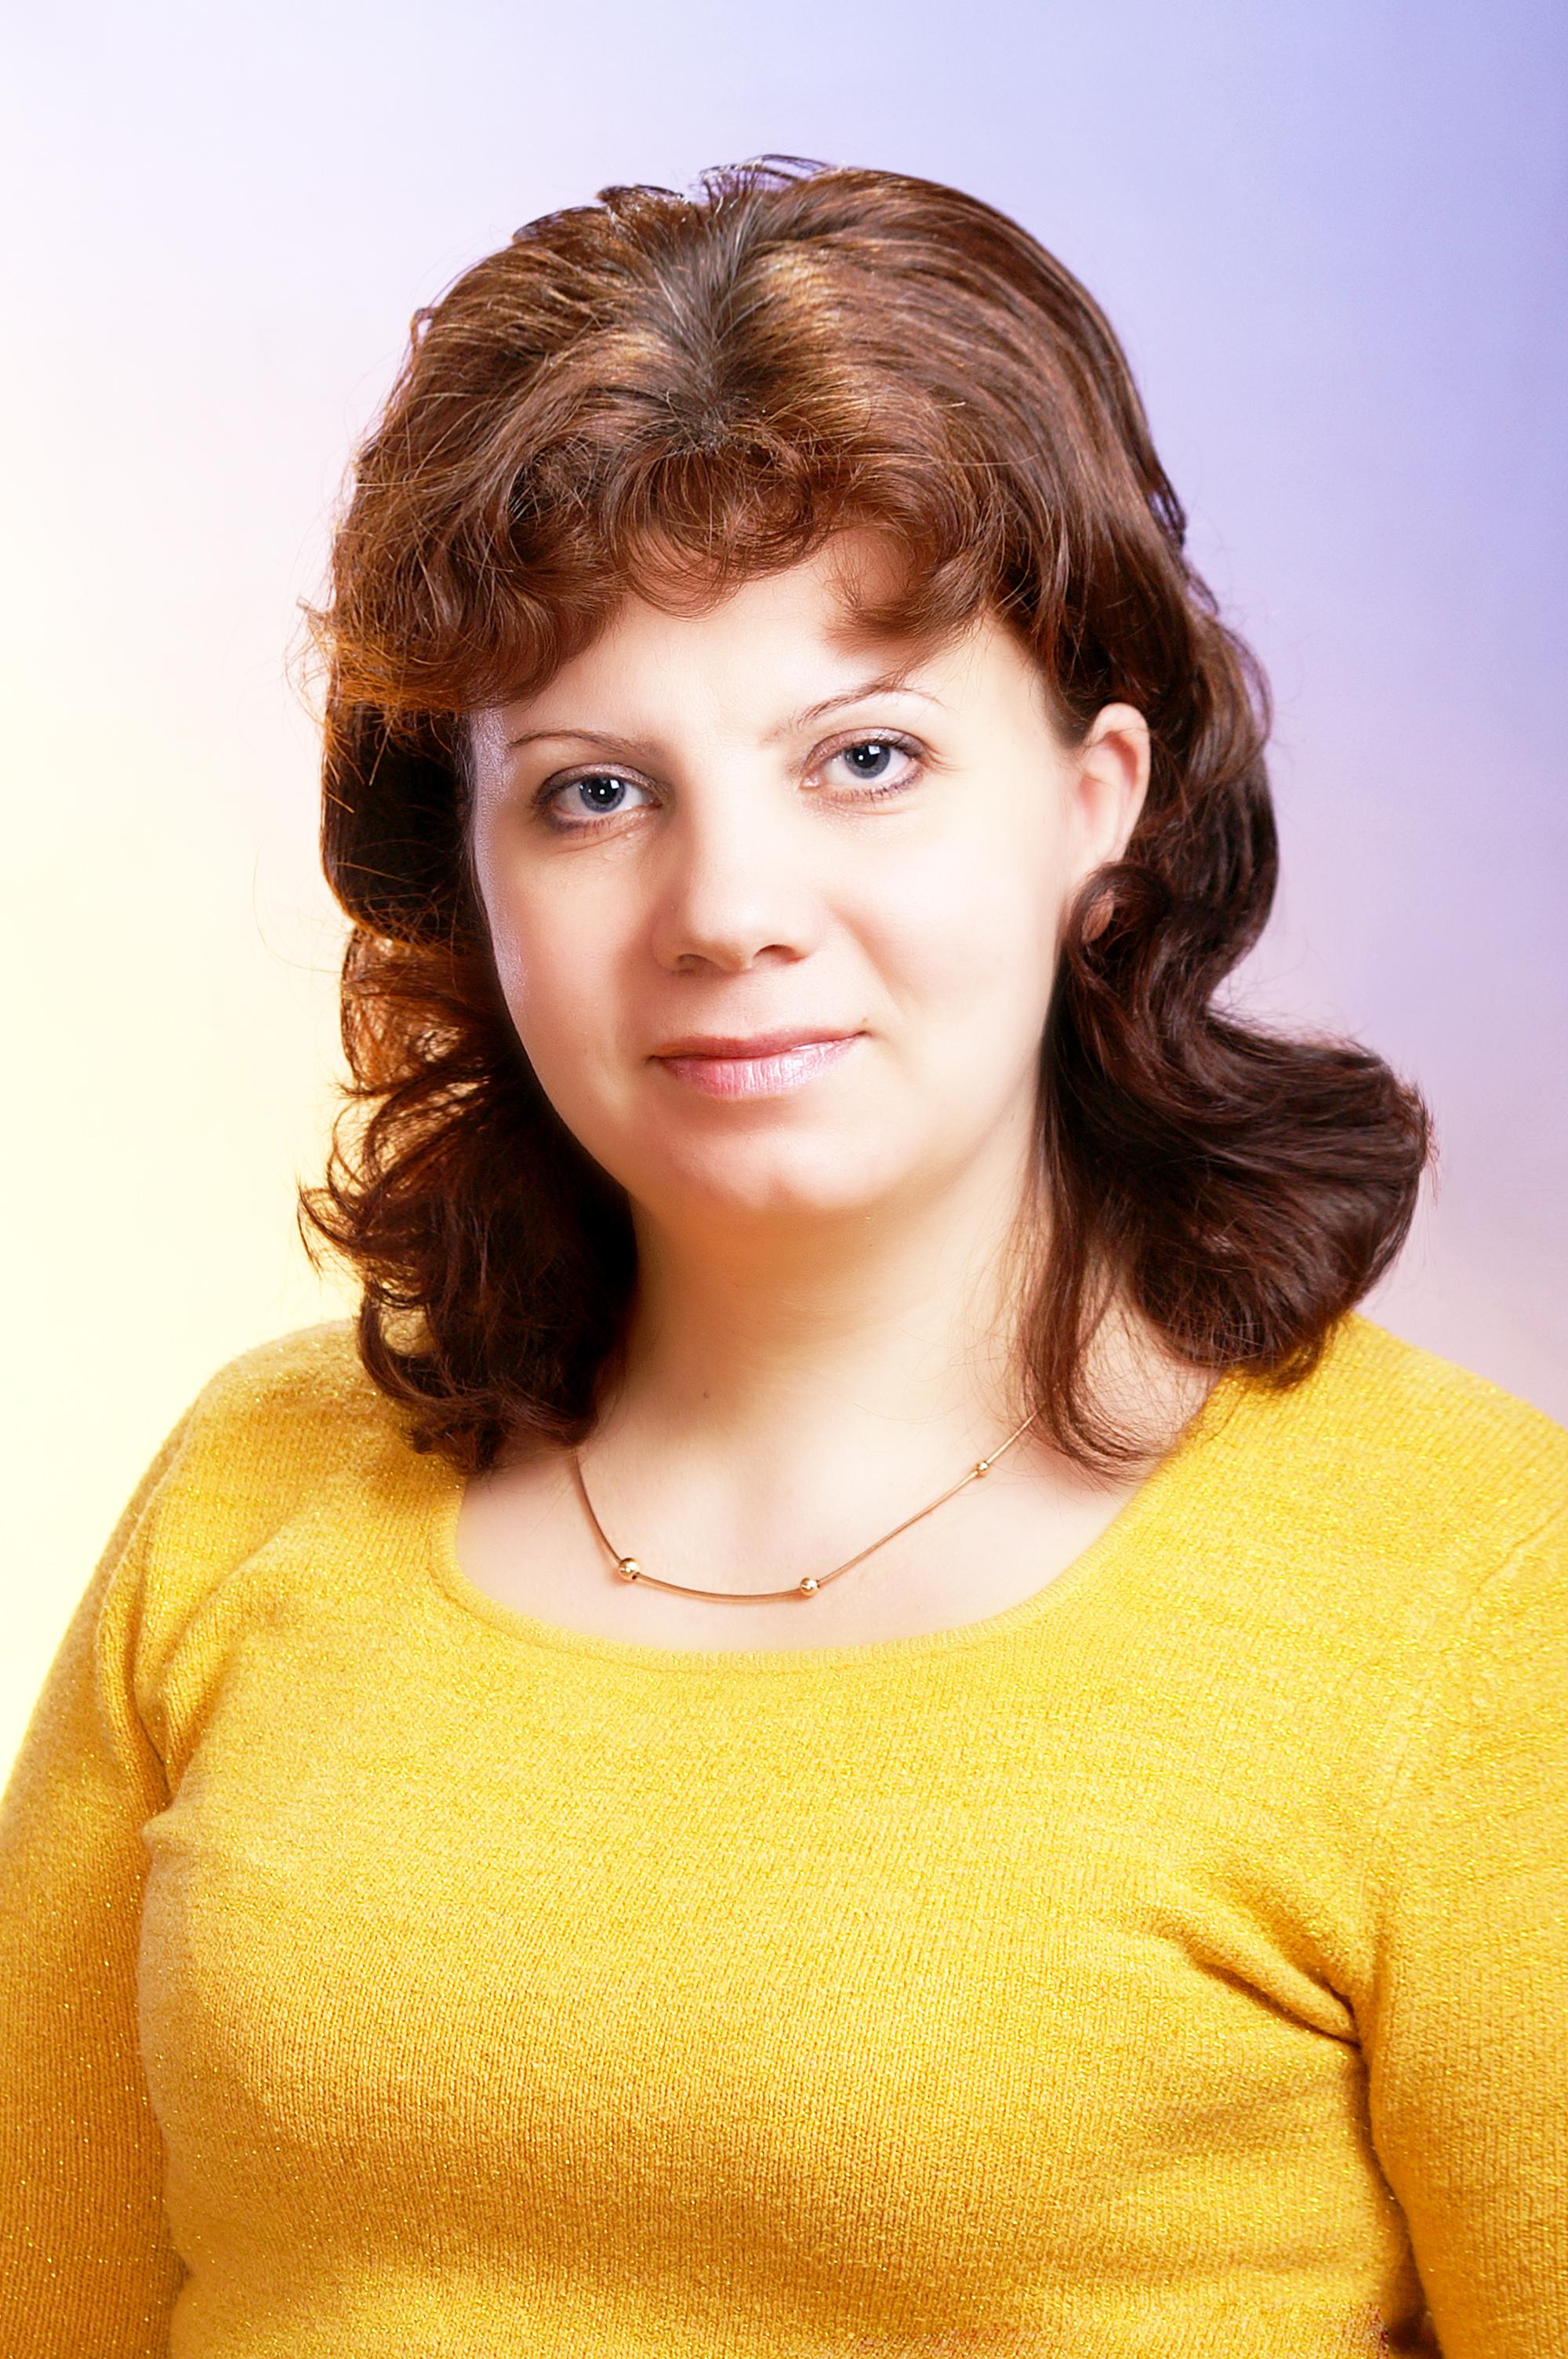 Старший воспитатель детского сада № 192 г. Ярославля Елена Горбунова.